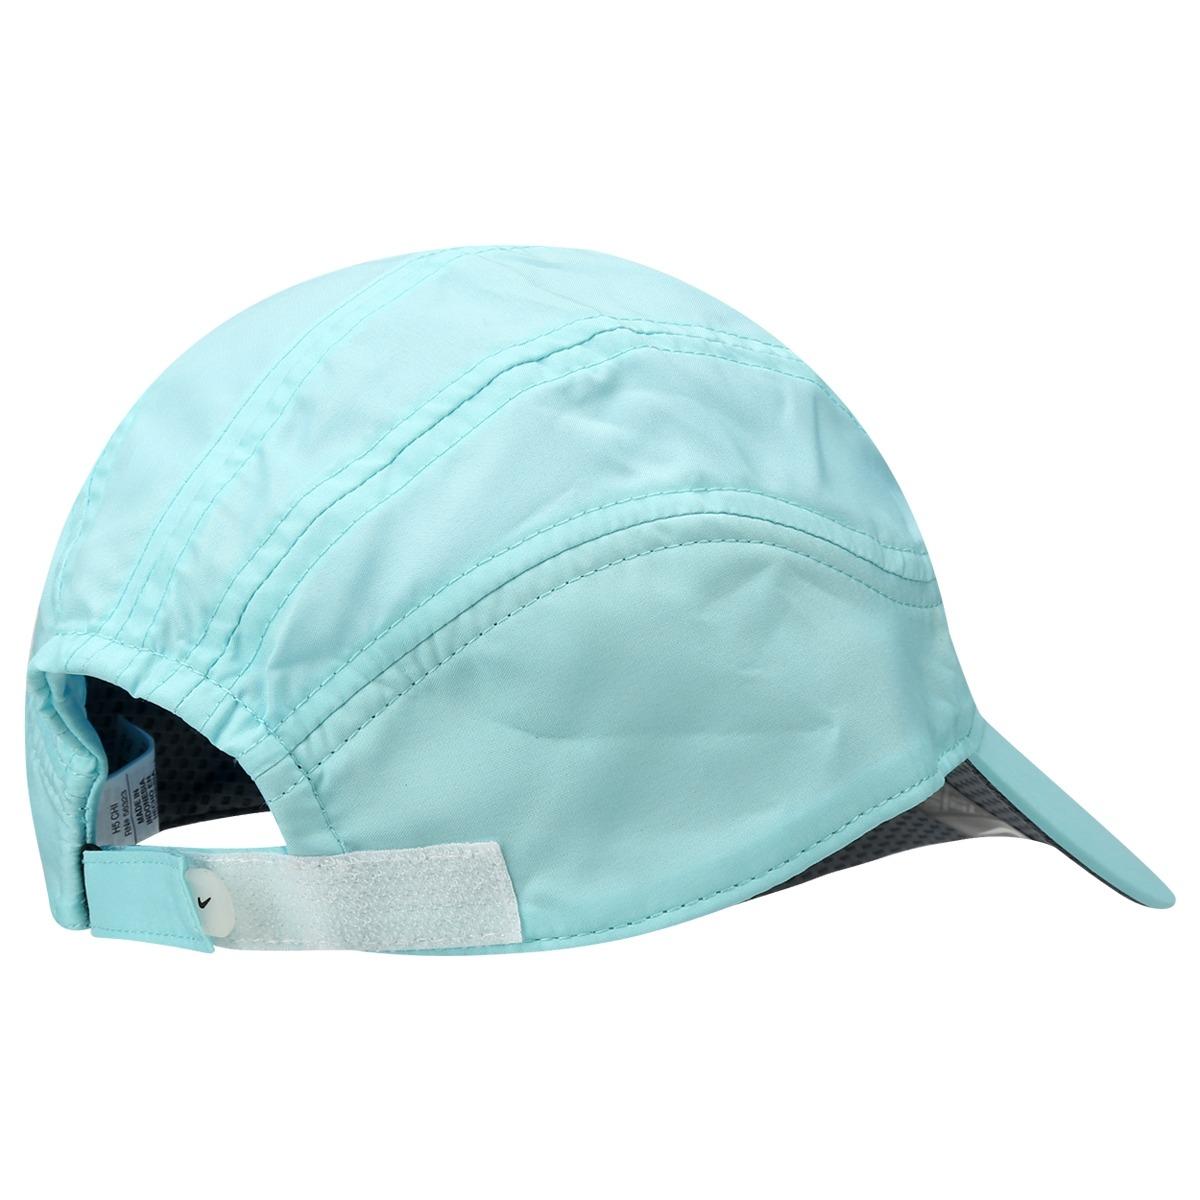 18d3399dc29e5 Boné Nike Dri-fit Spiros - Azul - R  60